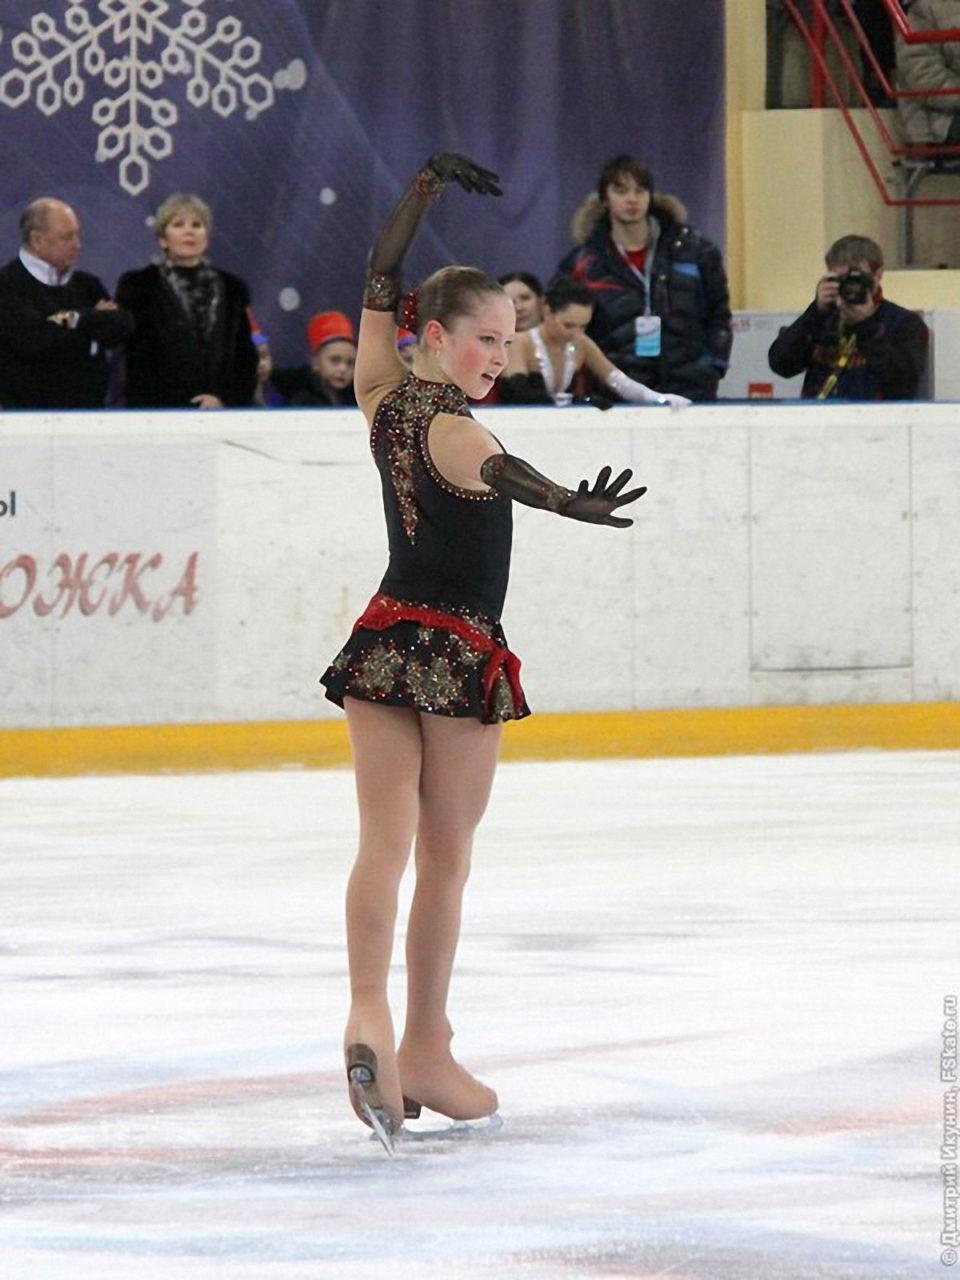 Запись золотоносного выступления Юлии Липницкой в Сочи 2014, её фото с чемпионатов